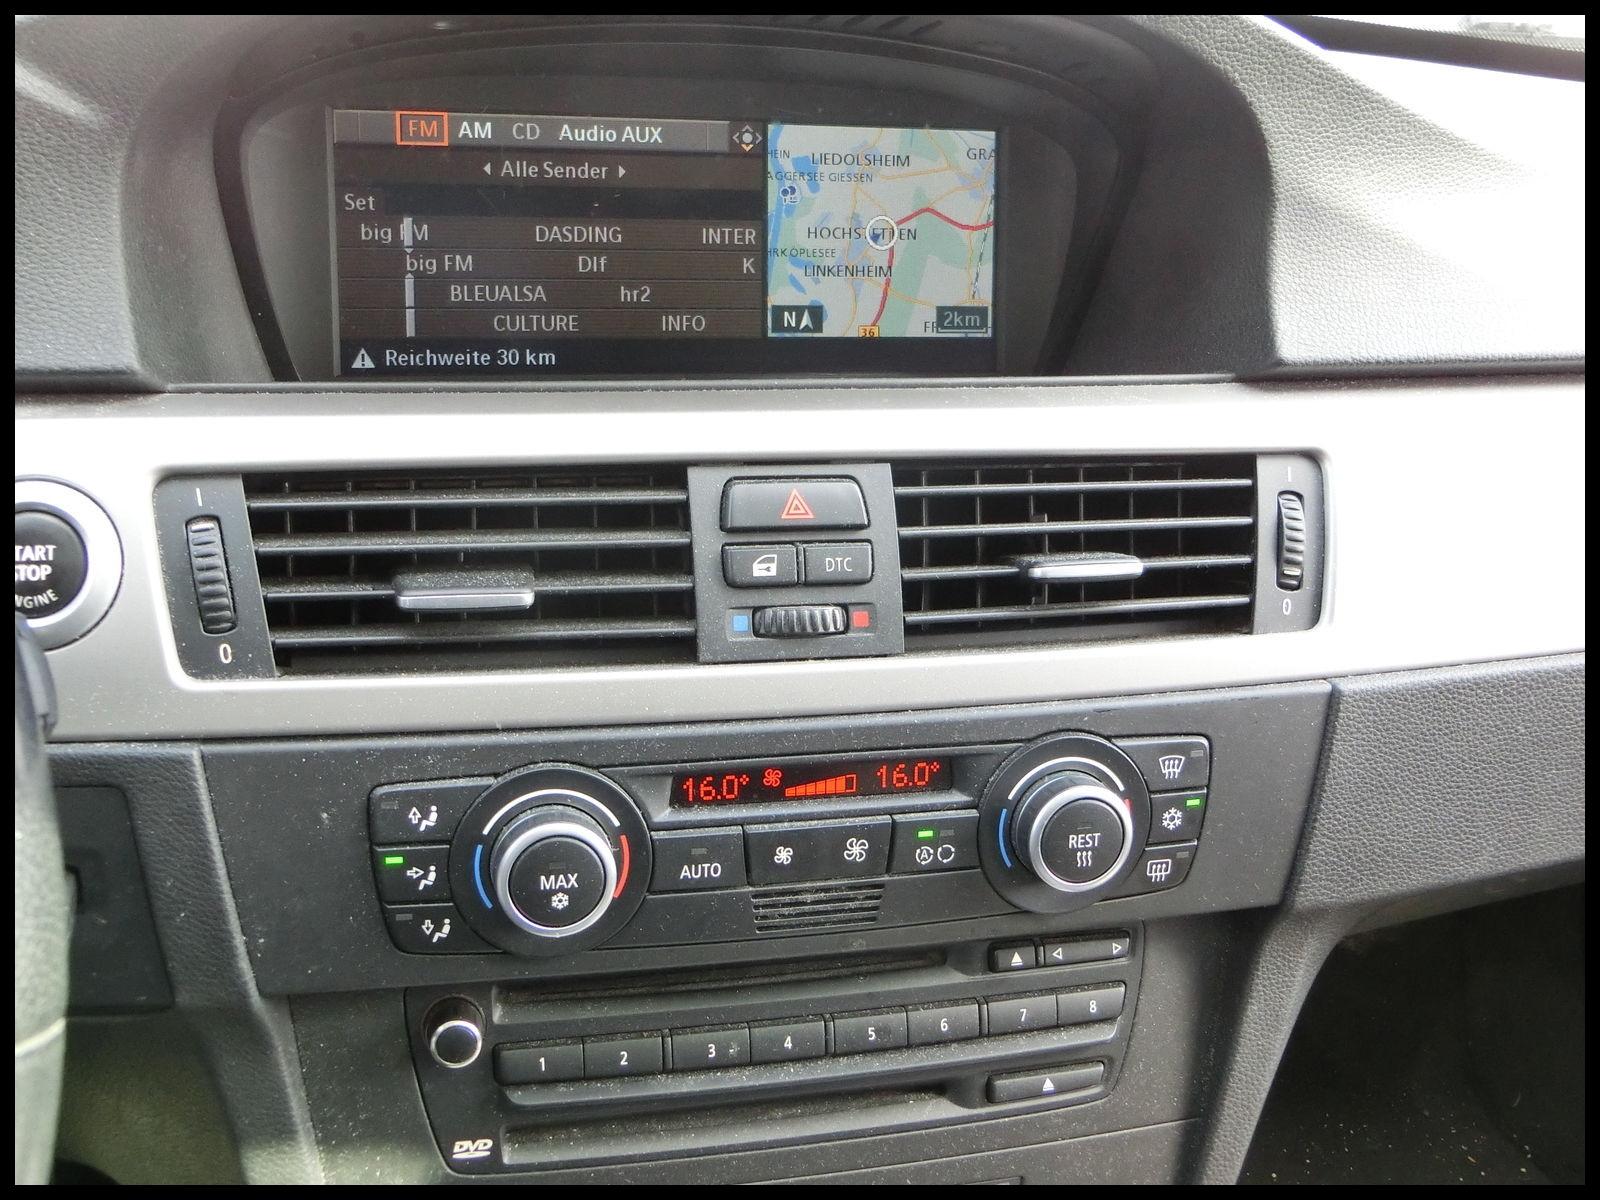 Bmw Warranty Check by Vin Unique Bmw E90 3er 320d 05 08 2 0d 120kw Railsensor